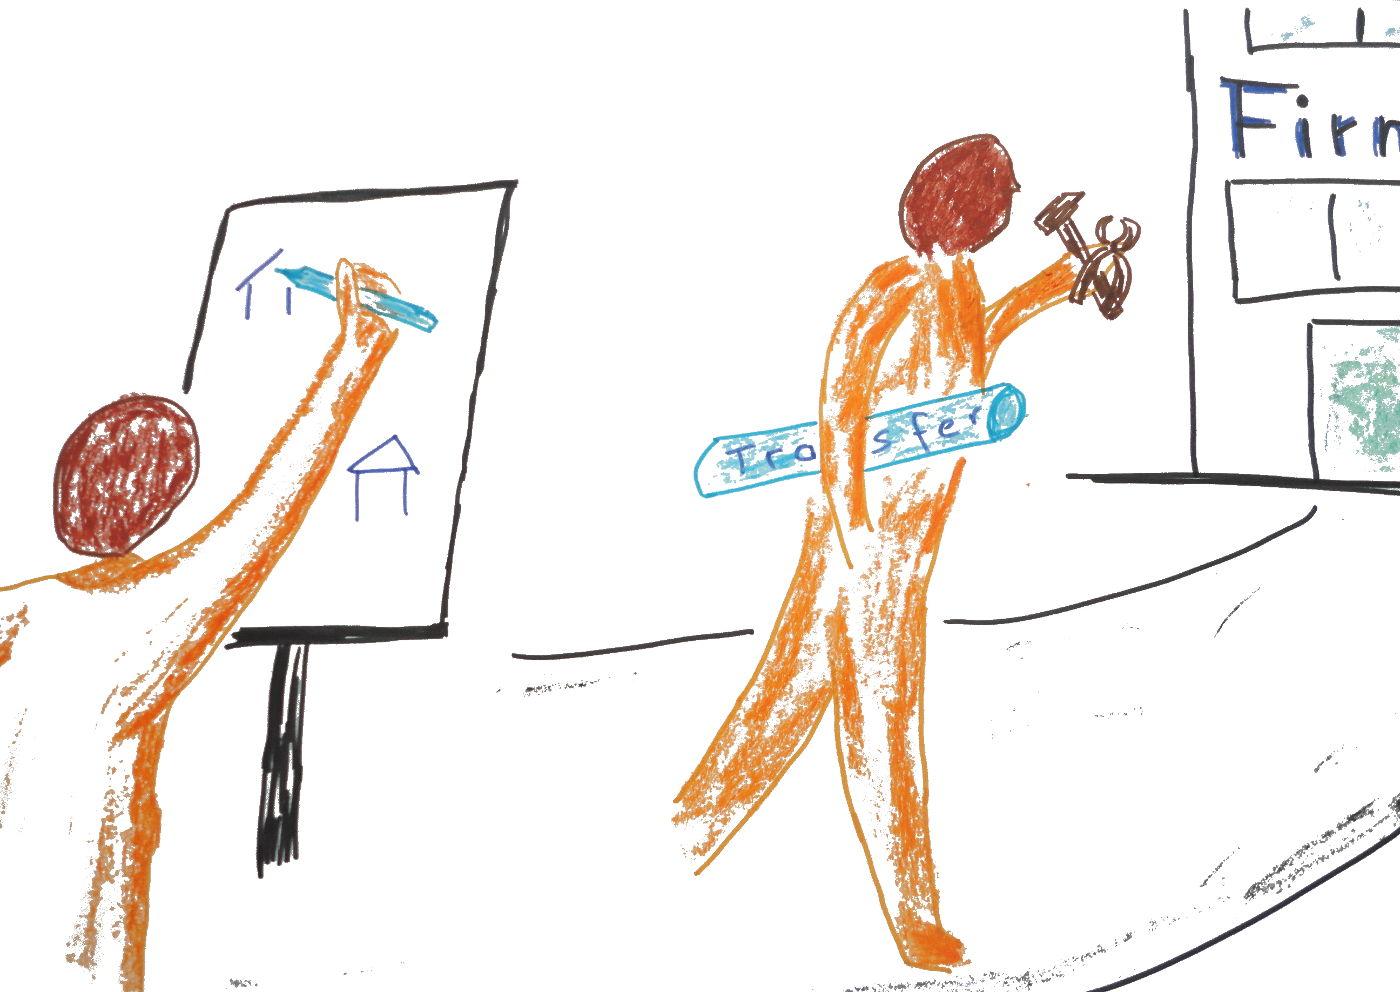 Zeichnung zwei Menschen, einer läuft mit einer Papierrolle auf dem Transfer steht in die Firma, der andere malt das Bild.